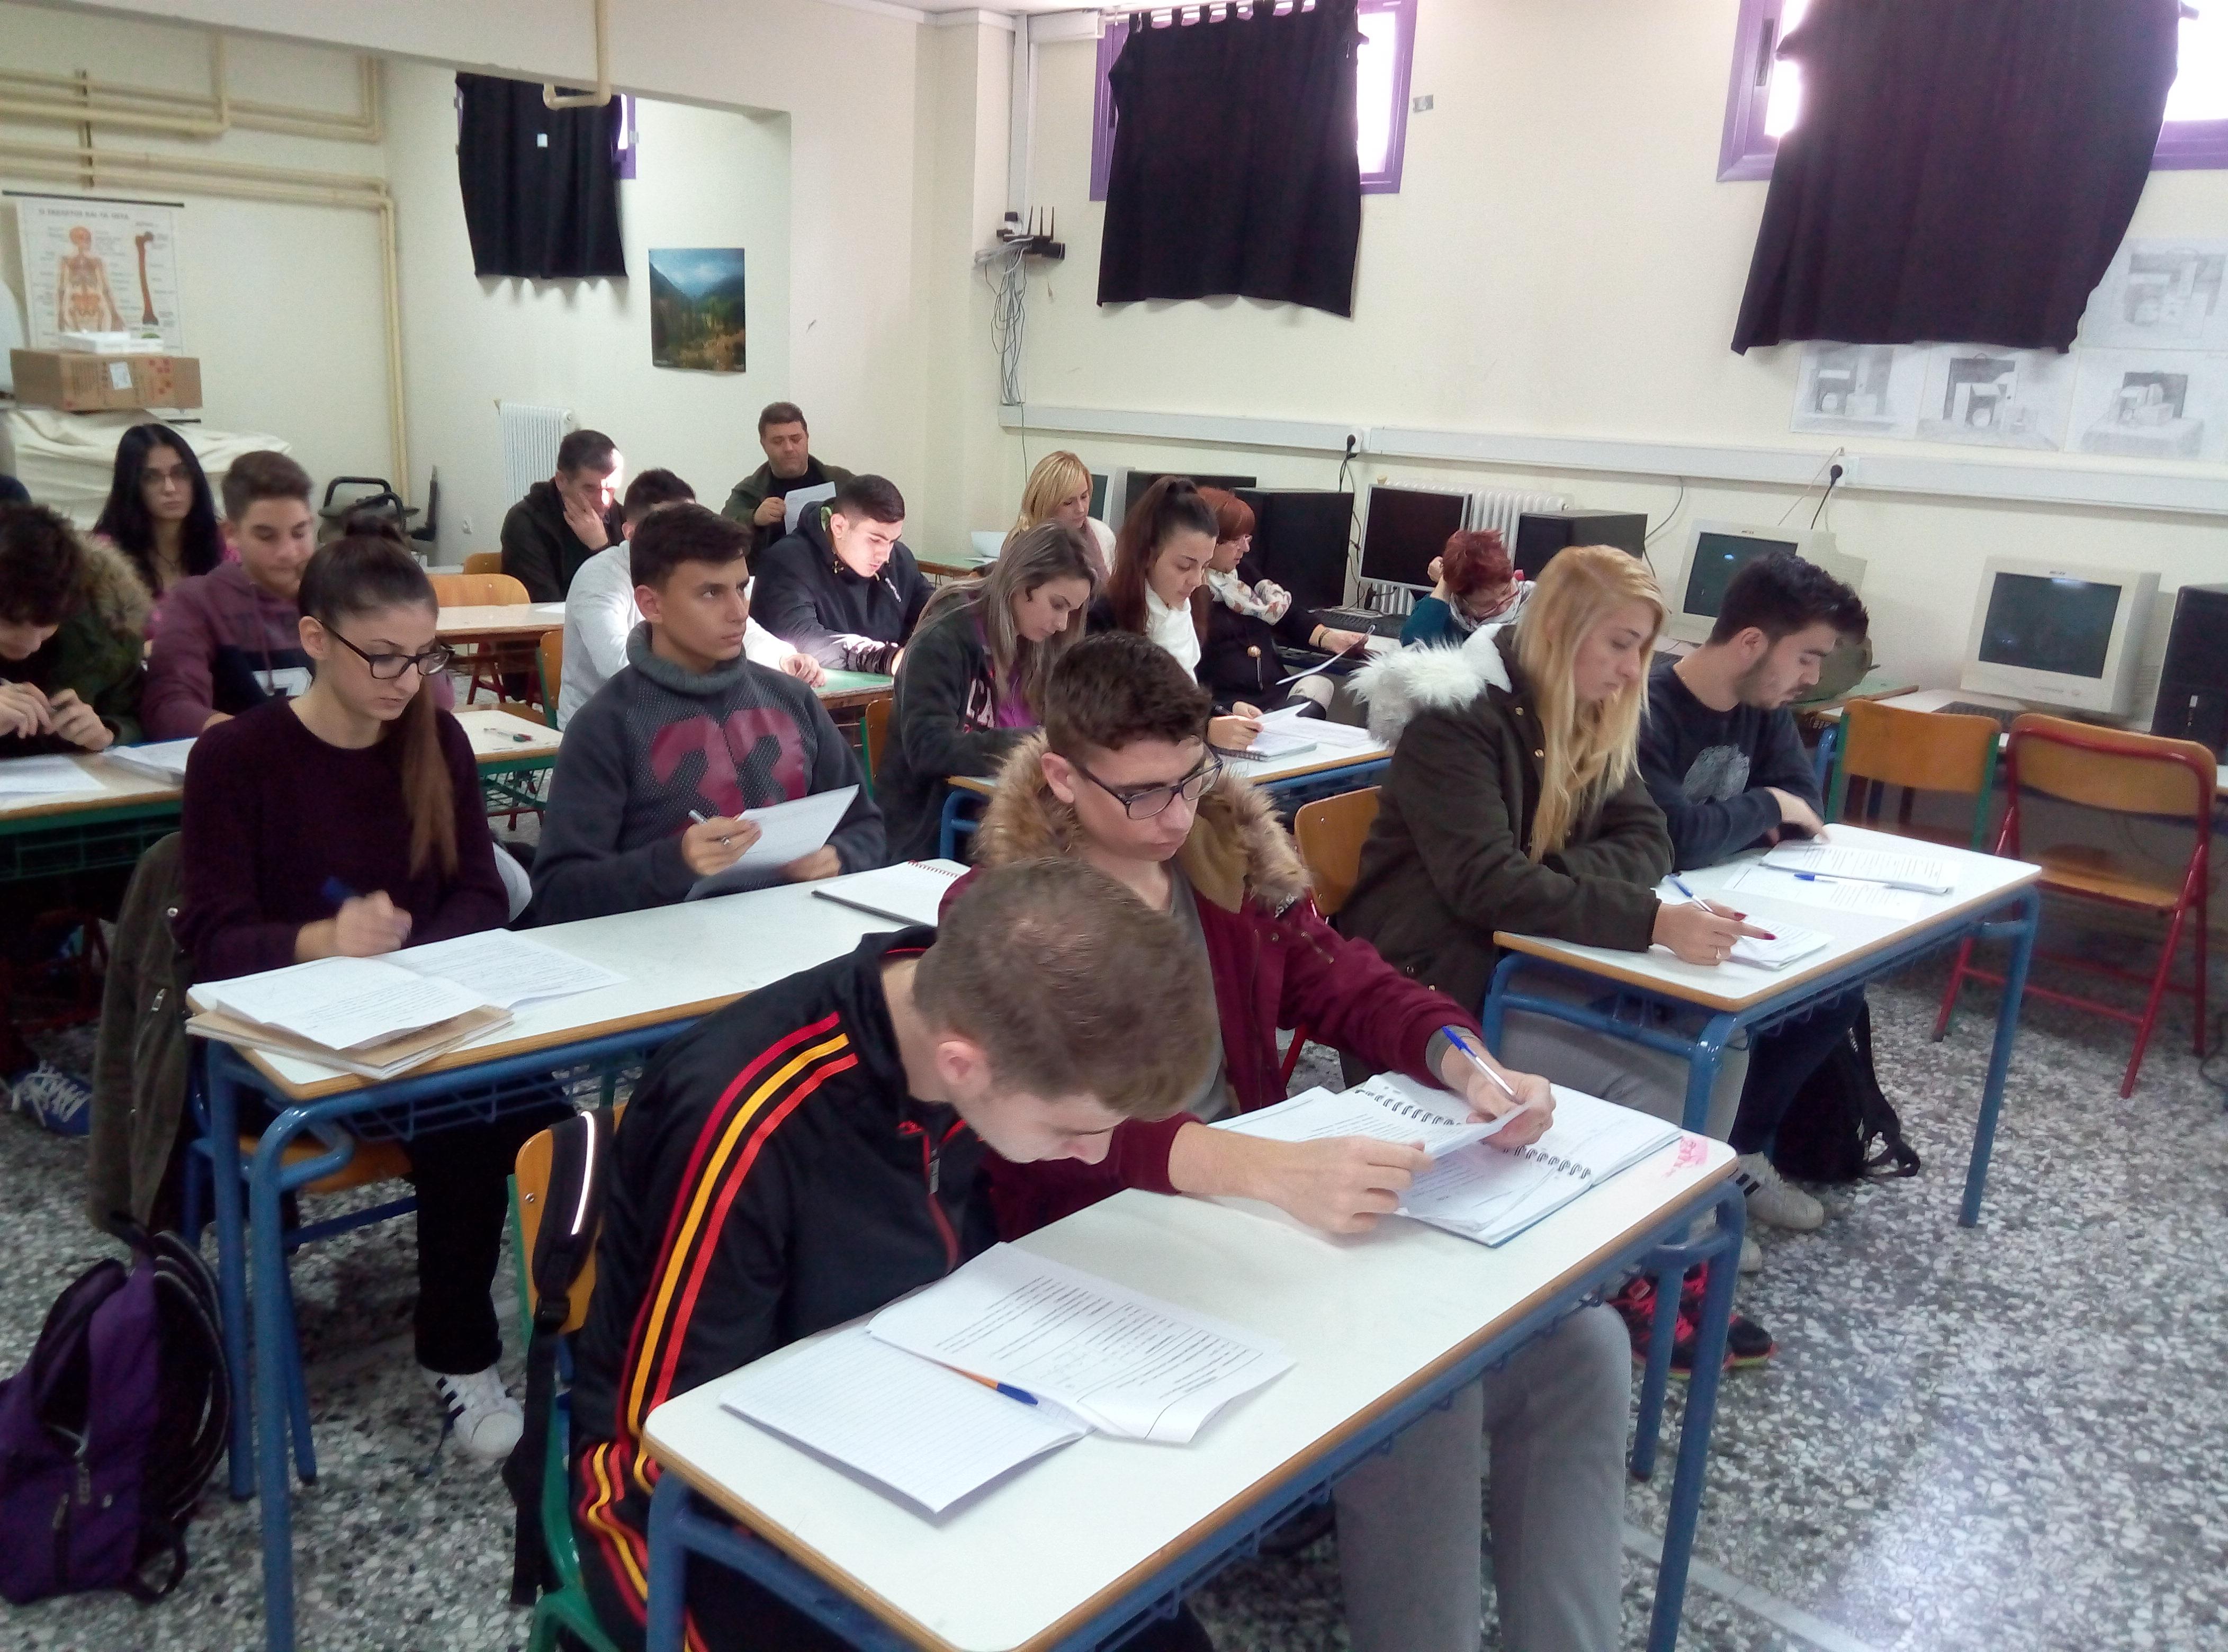 Δειγματικές διδασκαλίες μαθηματικών στη δυτική θεσσαλονίκη